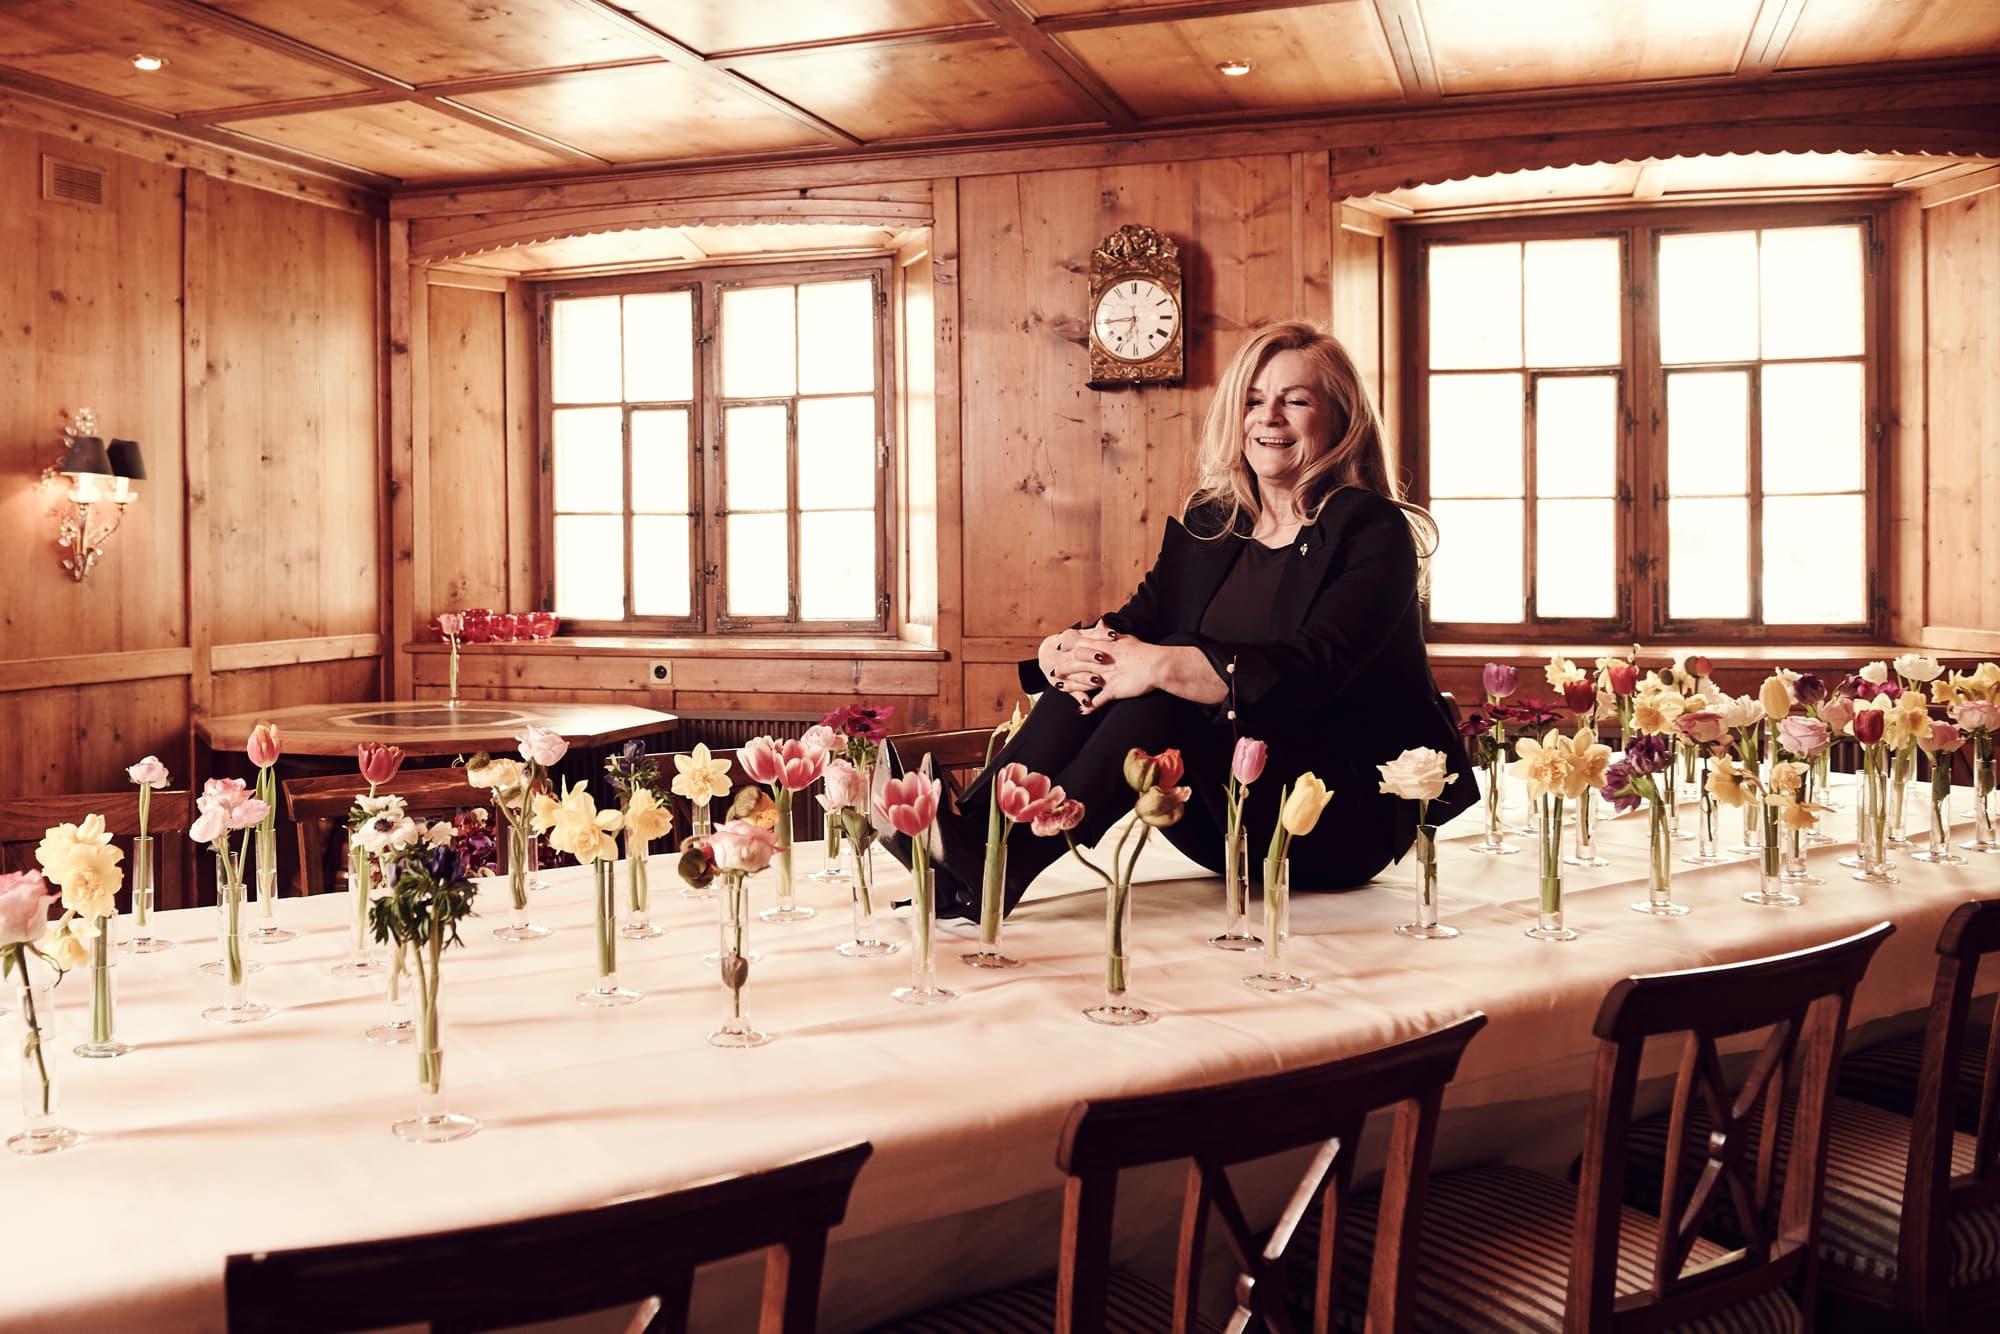 Iris Petermann | Weiss Kreuz Malans | Magazin Zürich